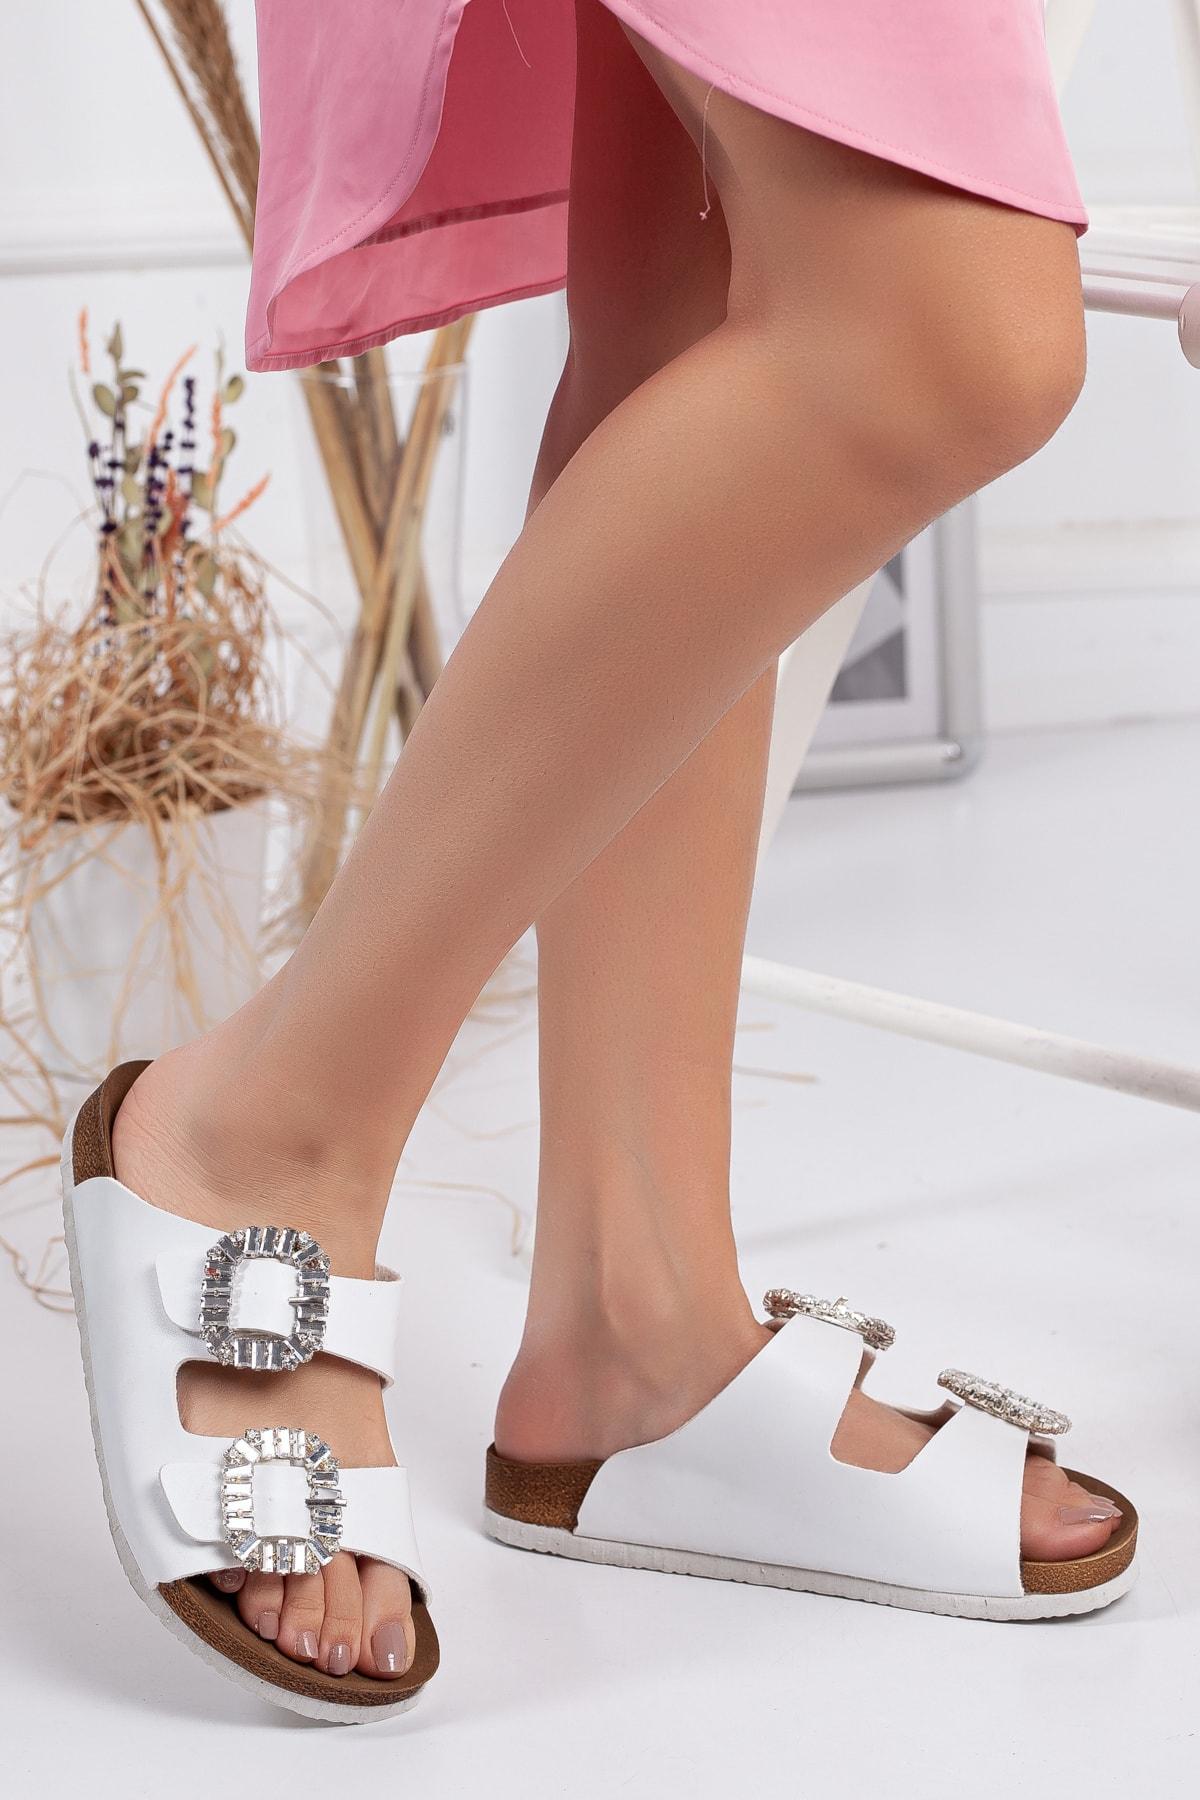 النساء الصنادل الكريستال وايتون مزدوجة مشبك الصيف داخلي في الهواء الطلق الوجه يتخبط حذاء الشاطئ النعال الإناث منصة عادية